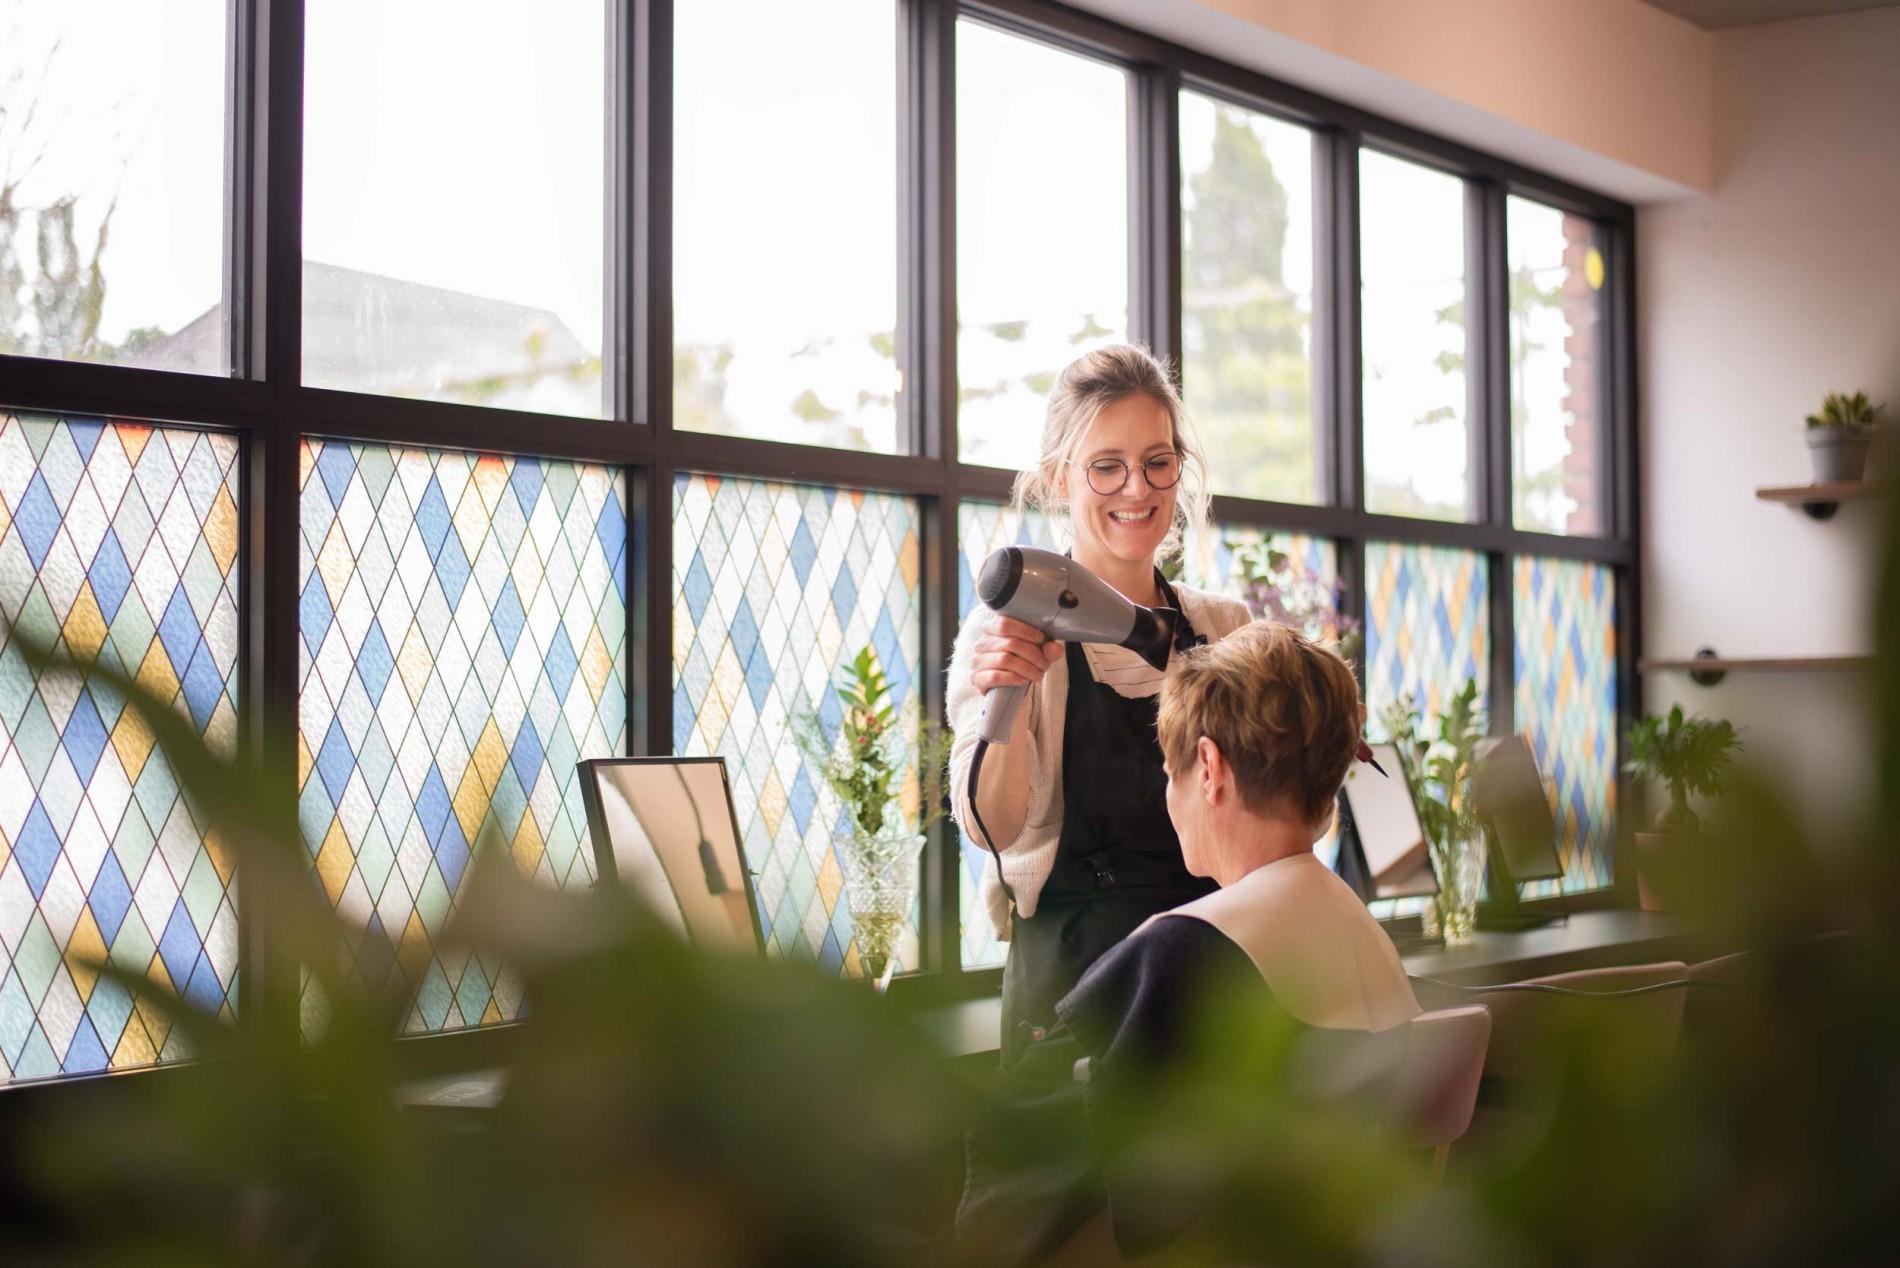 Lotte brusht het haar van haar klant in kapsalon